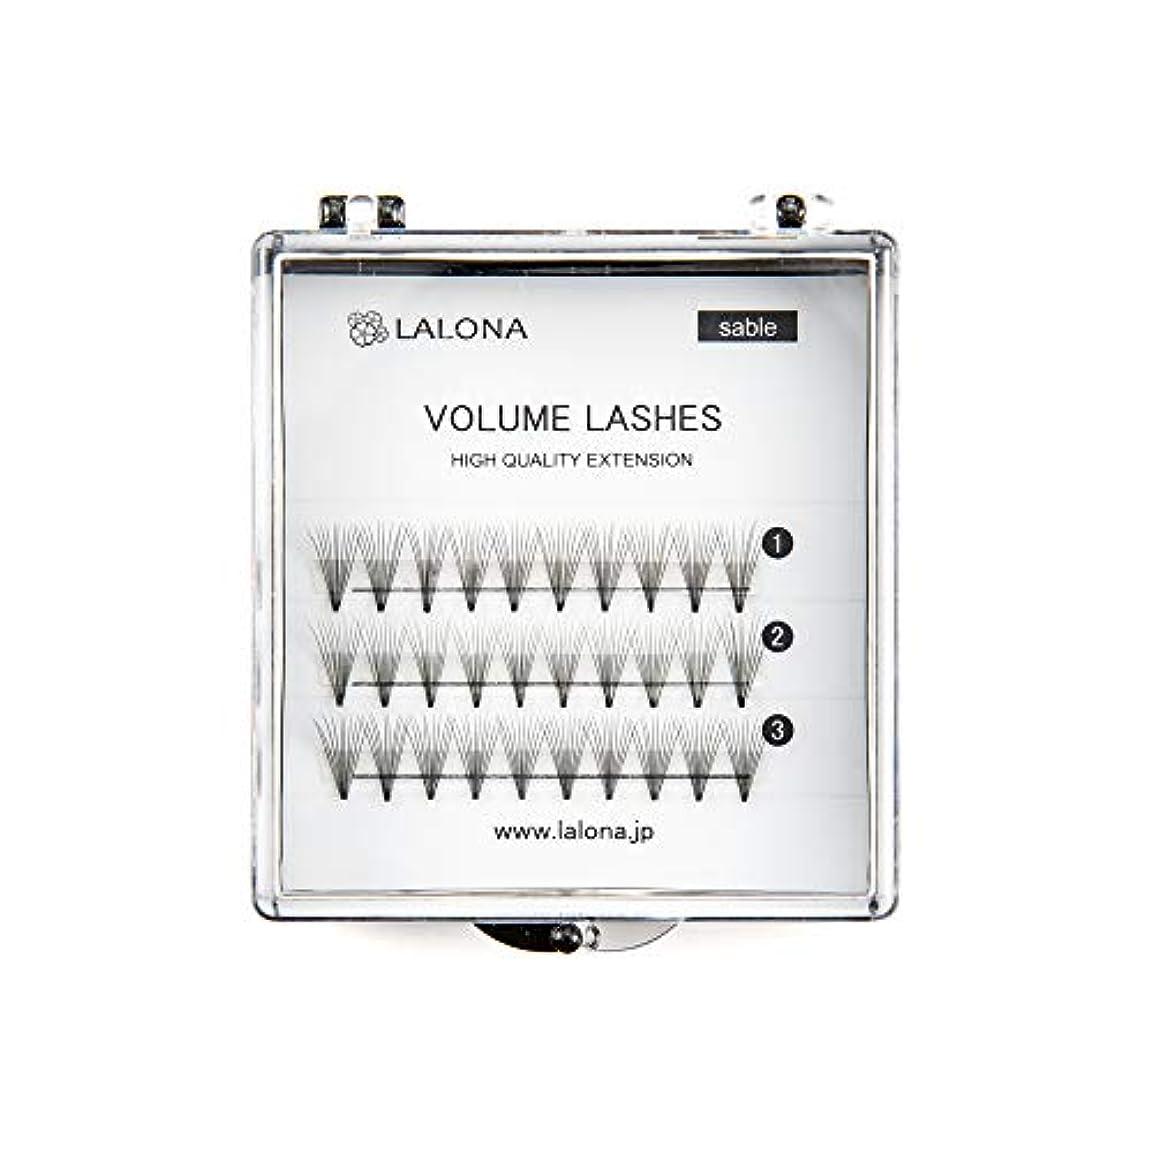 珍しいライセンスLALONA [ ラローナ ] ボリュームラッシュ (10D) (30pcs) まつげエクステ 10本束 フレアラッシュ まつエク 束まつげ セーブル (Jカール / 13mm)